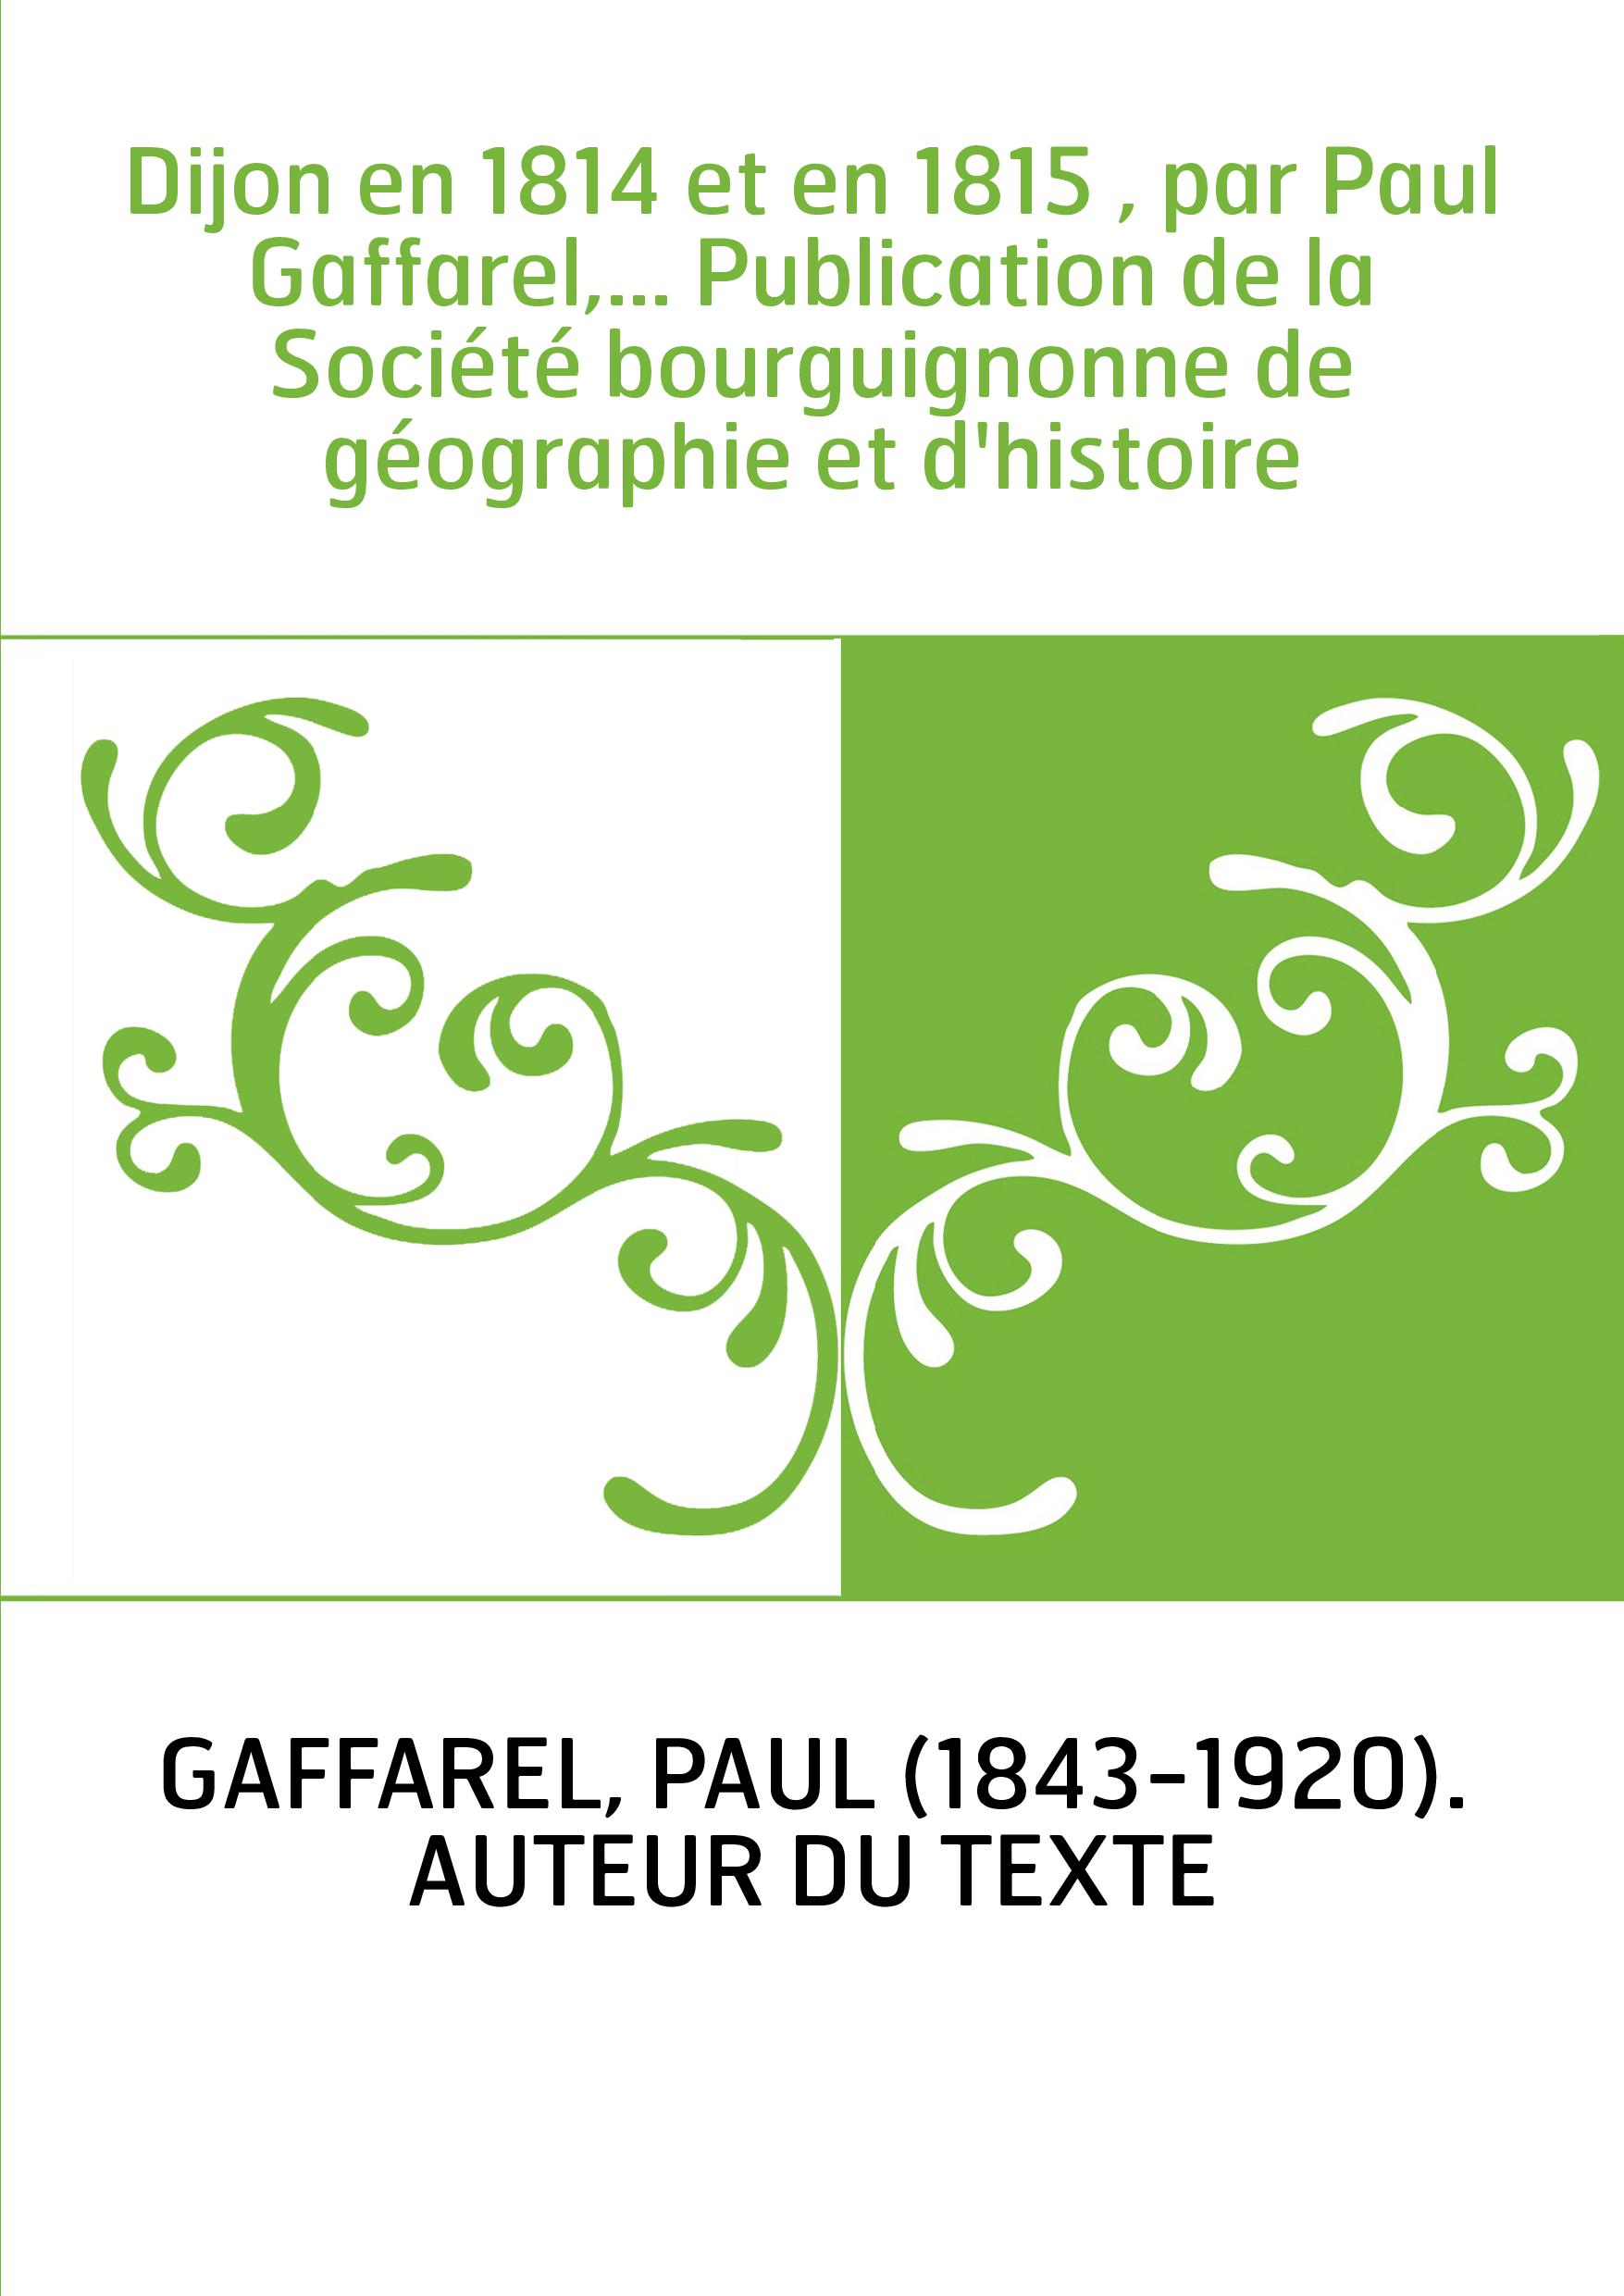 Dijon en 1814 et en 1815 , par Paul Gaffarel,... Publication de la Société bourguignonne de géographie et d'histoire